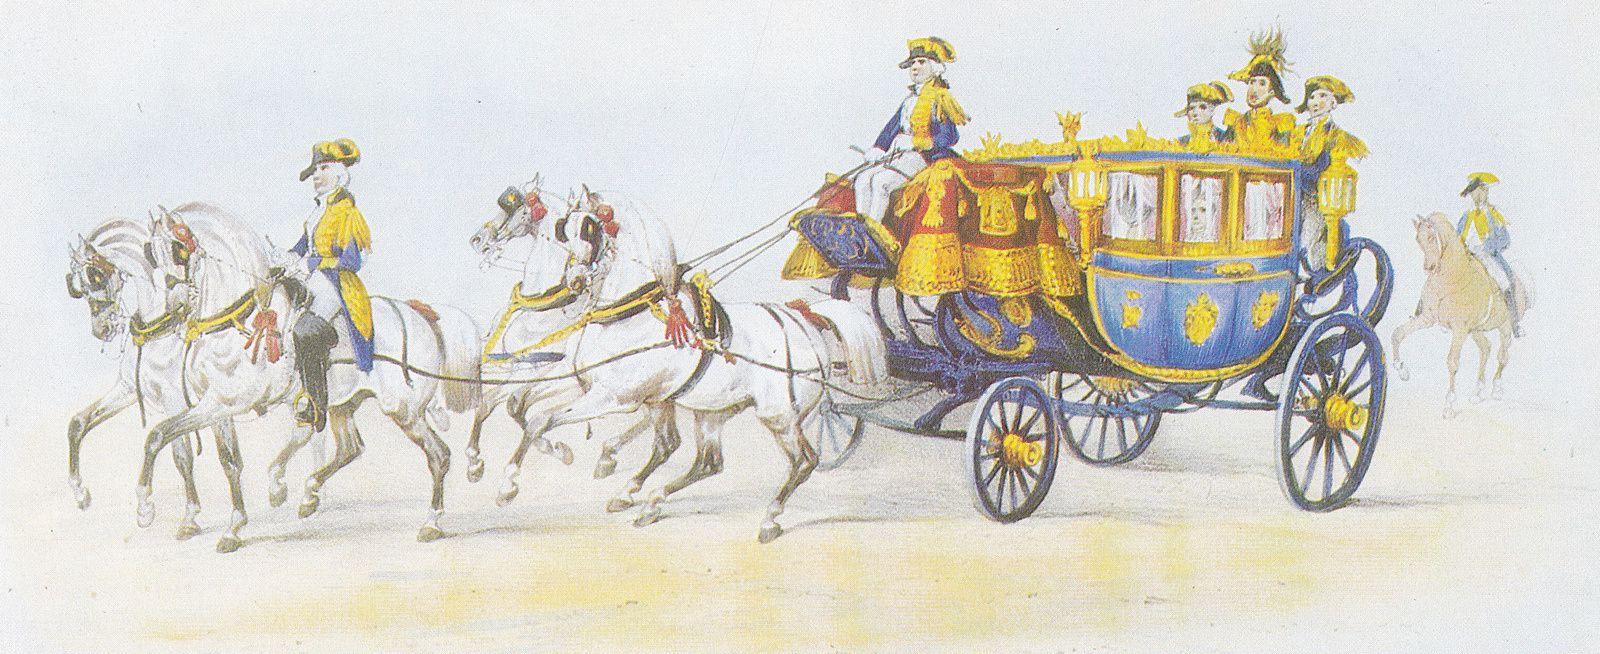 Berline de gala de Daldringen et Mathey utilisée à Londres en 1838 par le Maréchal Soult pour le couronnement de la reine Victoria (Lithographie de Victor Adam).